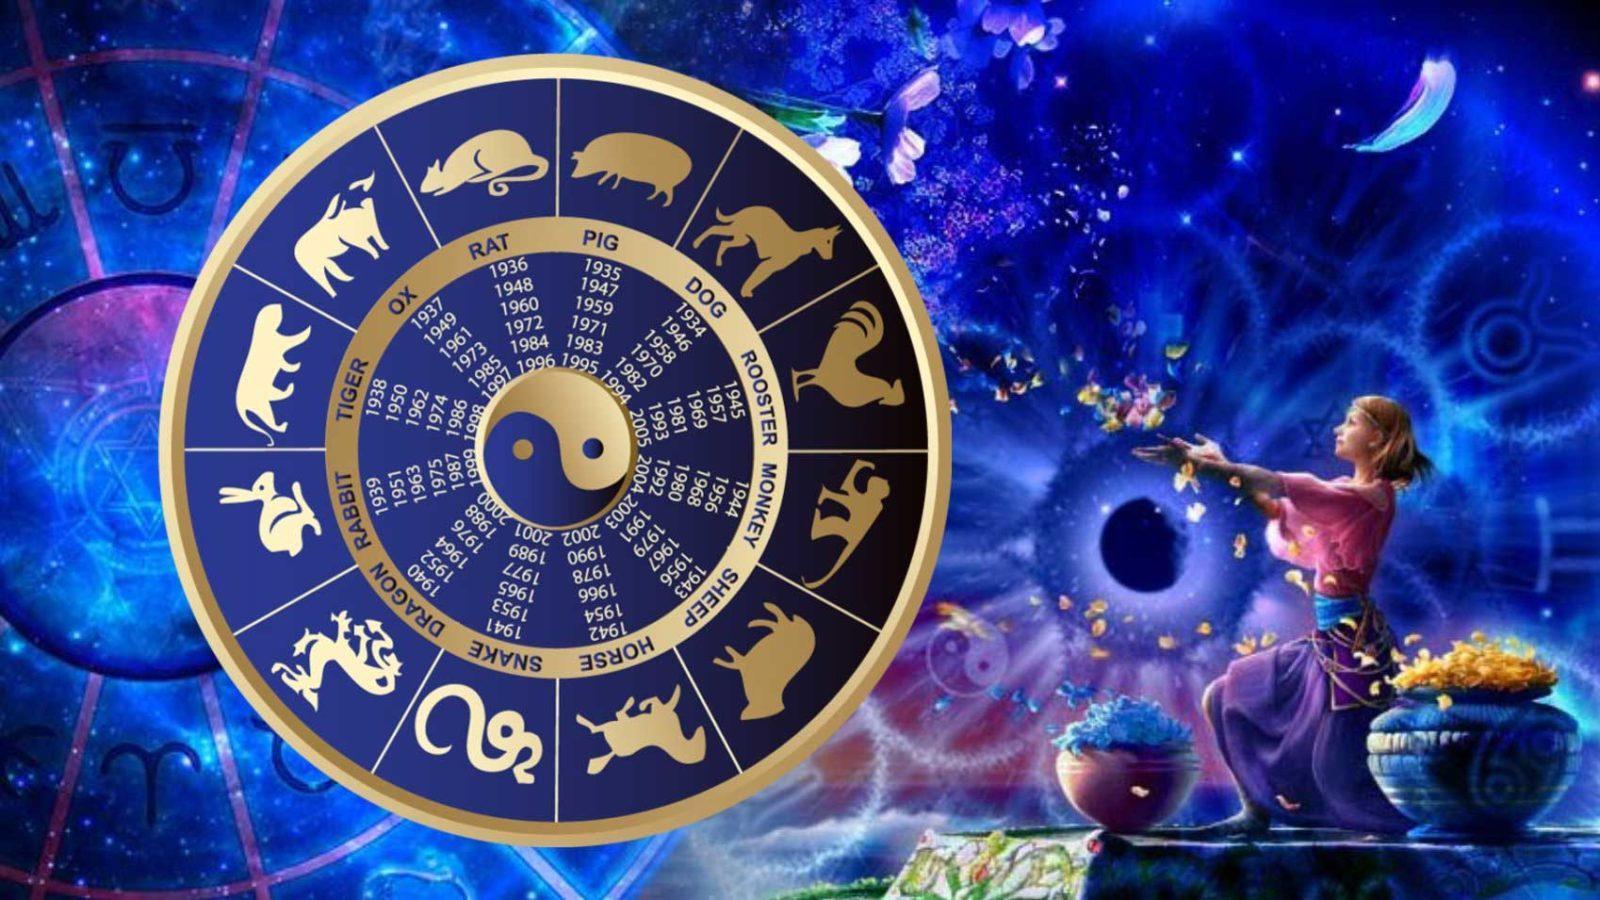 Онлайн гороскоп на неделю для женщин и мужчин бесплатно